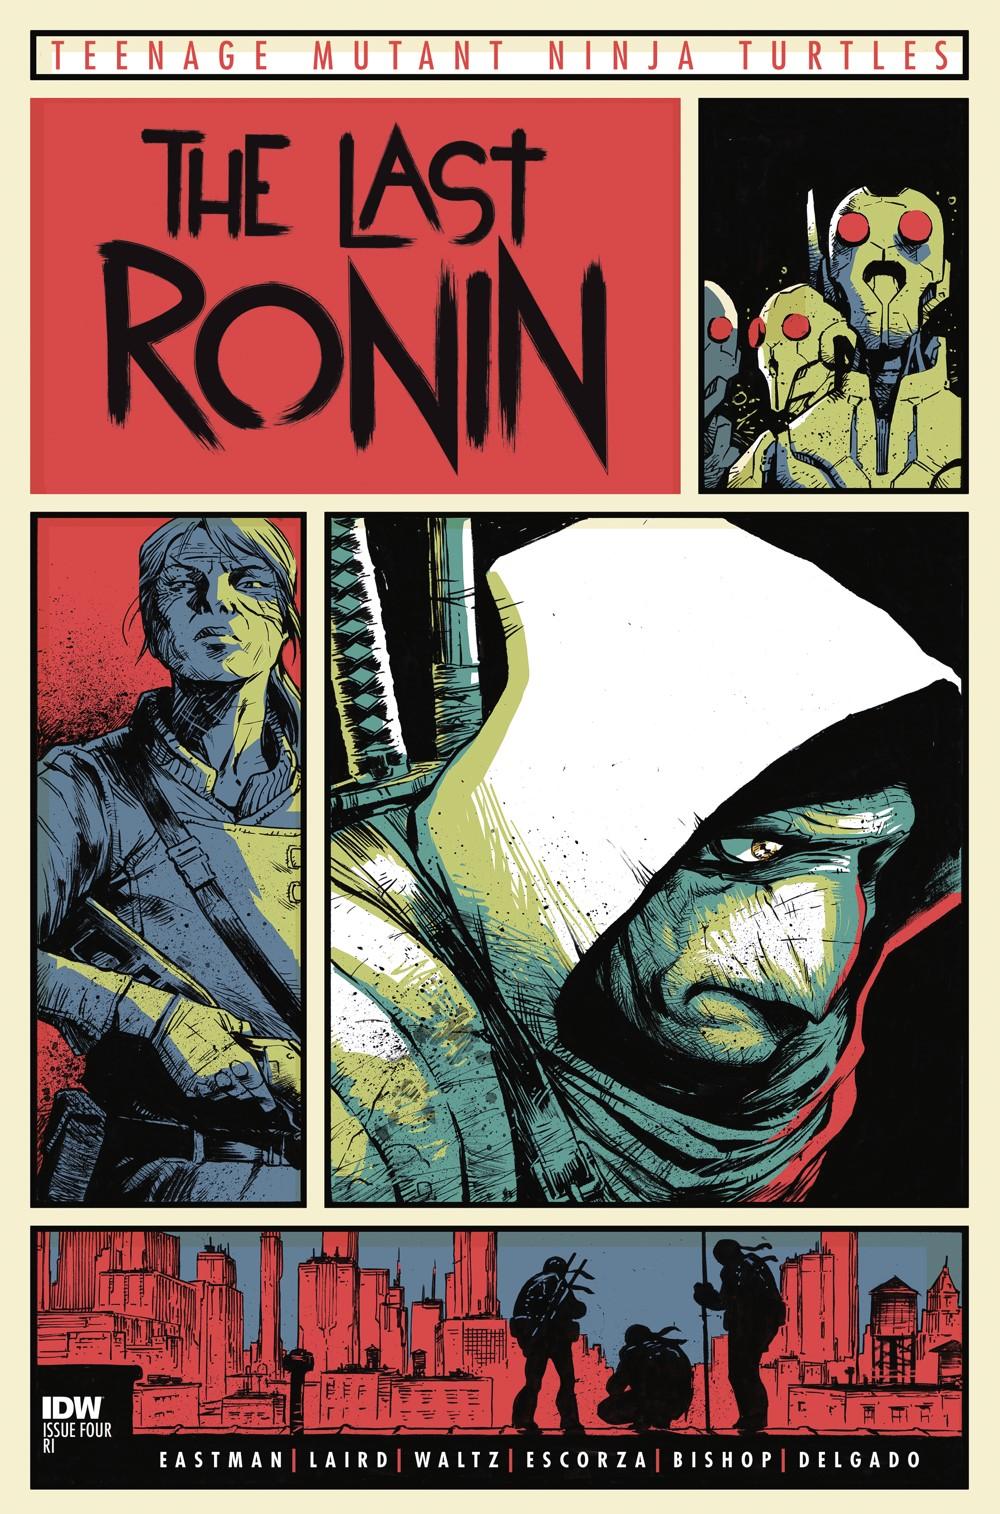 TMNT-LastRonin04_cvrRI ComicList Previews: TEENAGE MUTANT NINJA TURTLES THE LAST RONIN #4 (OF 5)